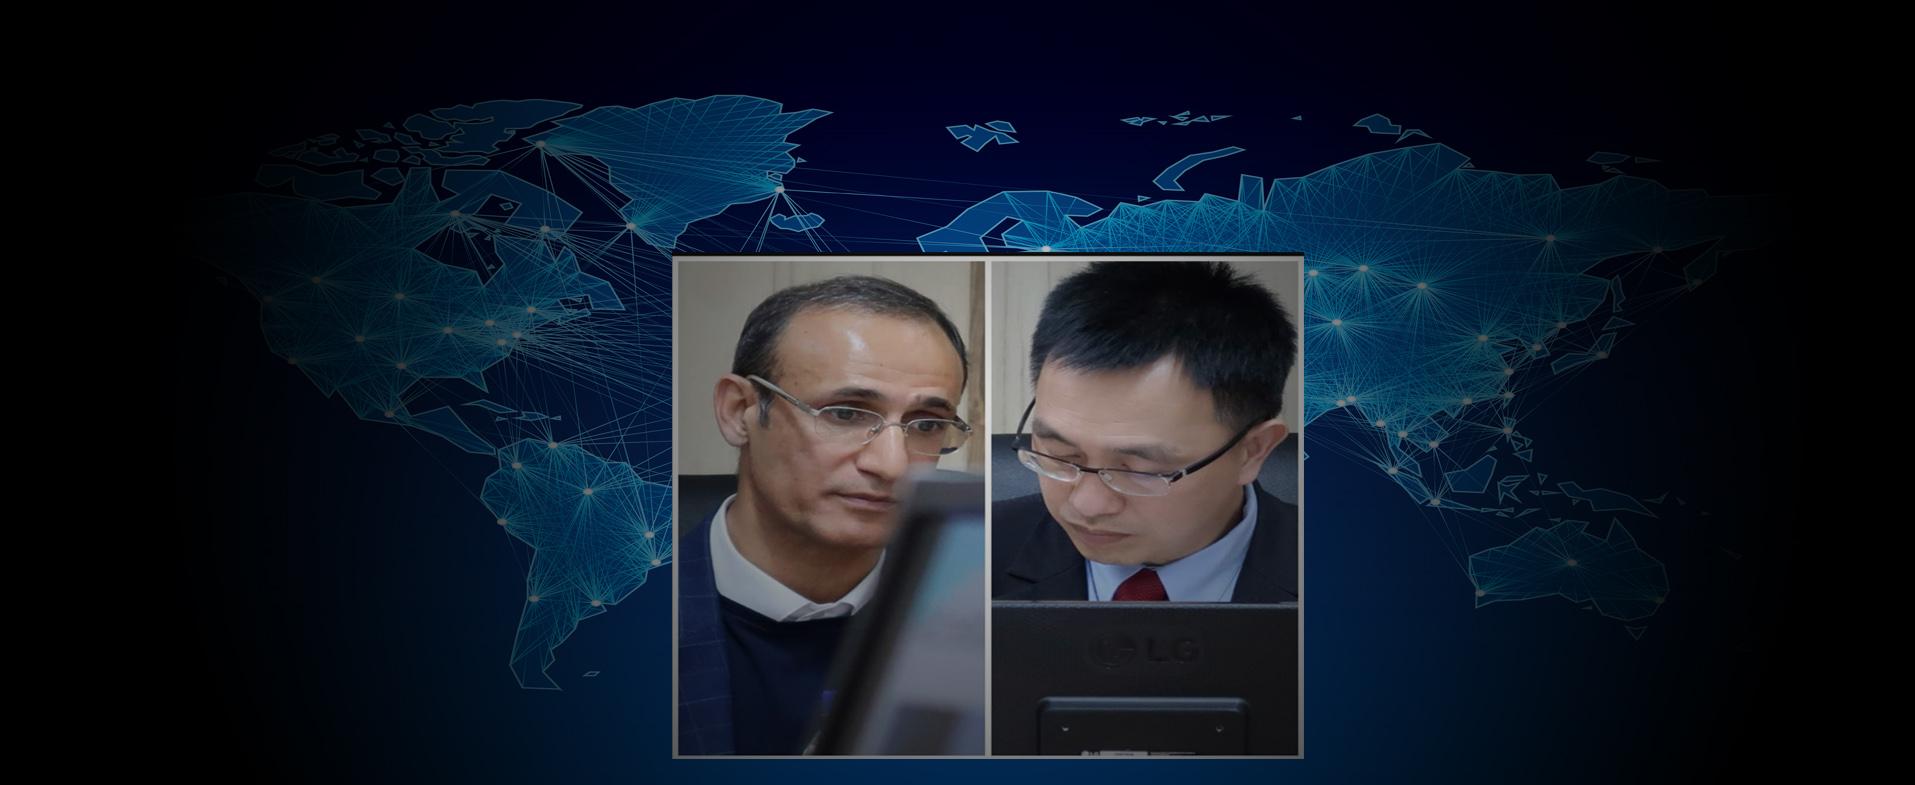 ارزیابی همترازی سازمان تایید صلاحیت ملی ایران